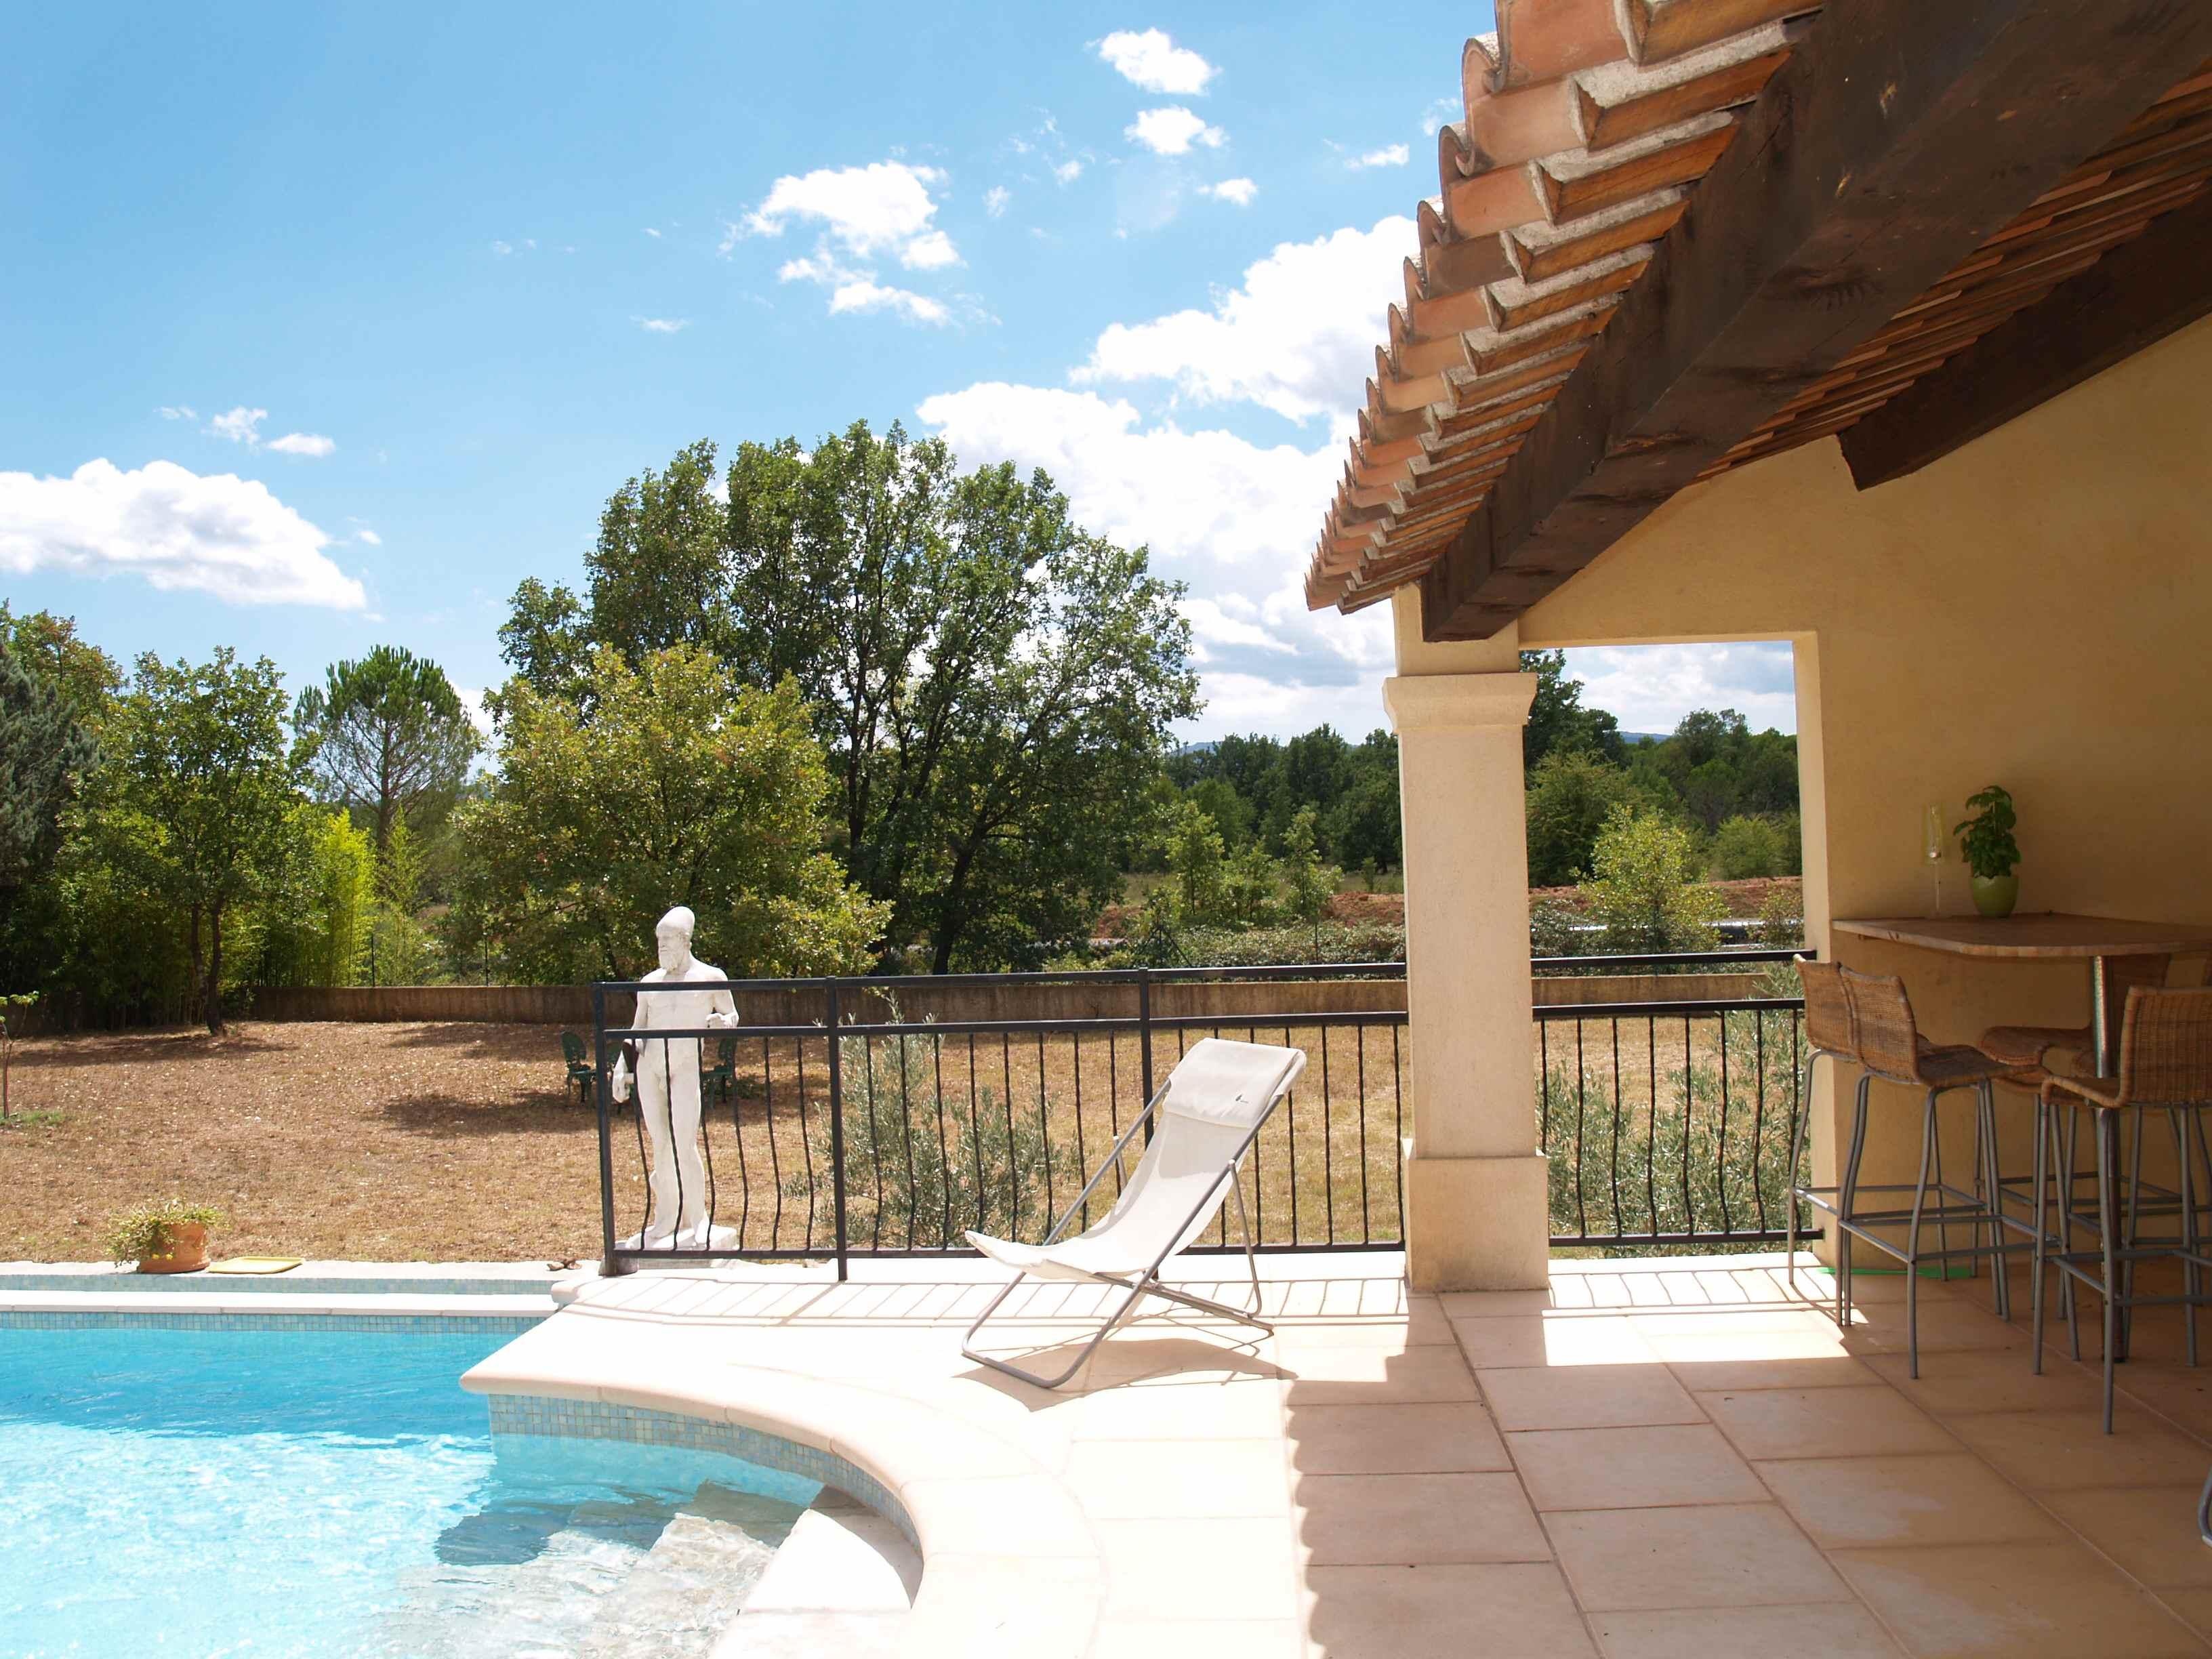 Ferienhaus in Südfrankreich mit Pool